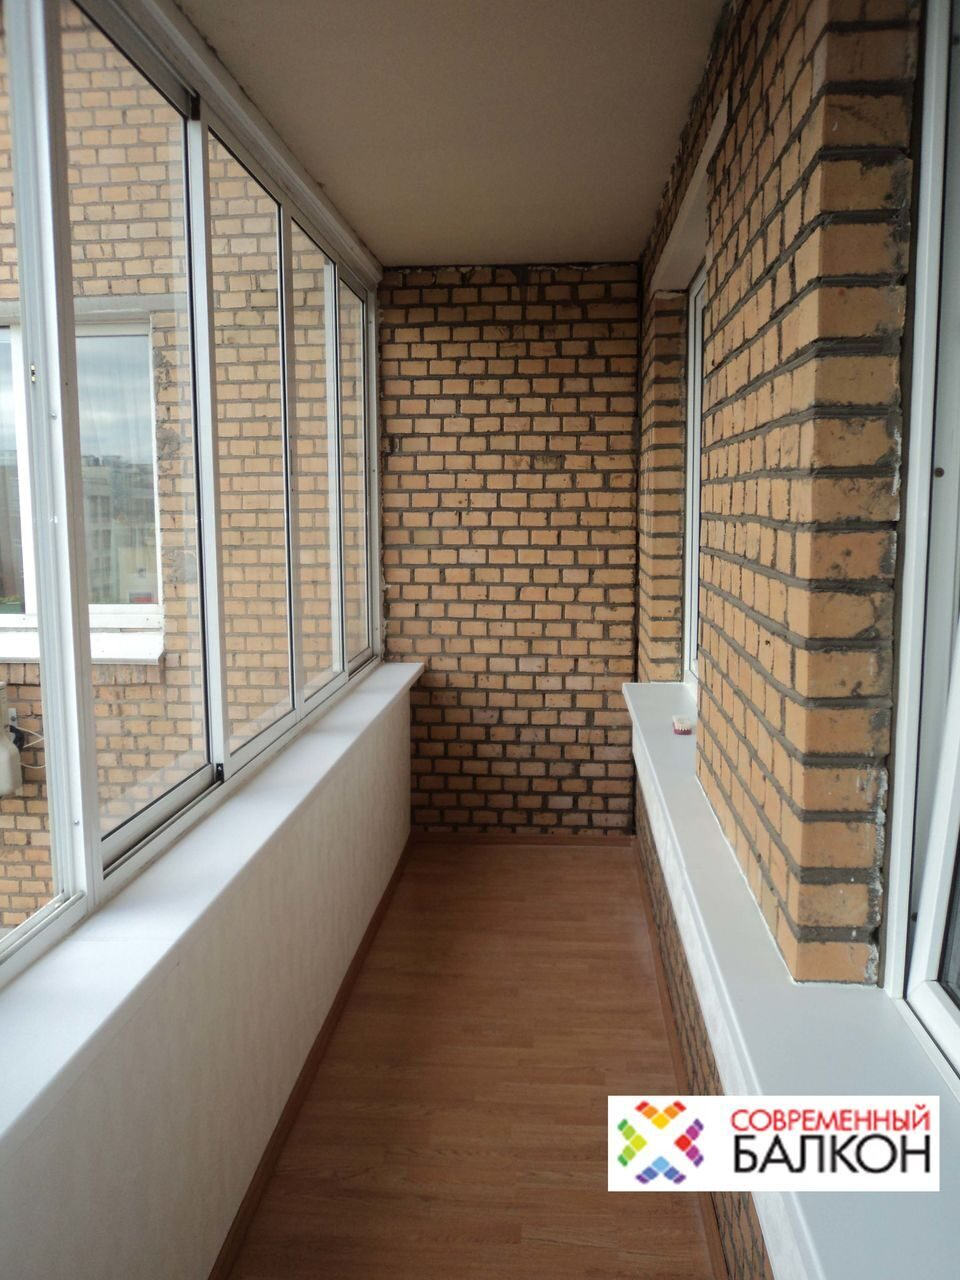 Остекление балконов дешево москва.